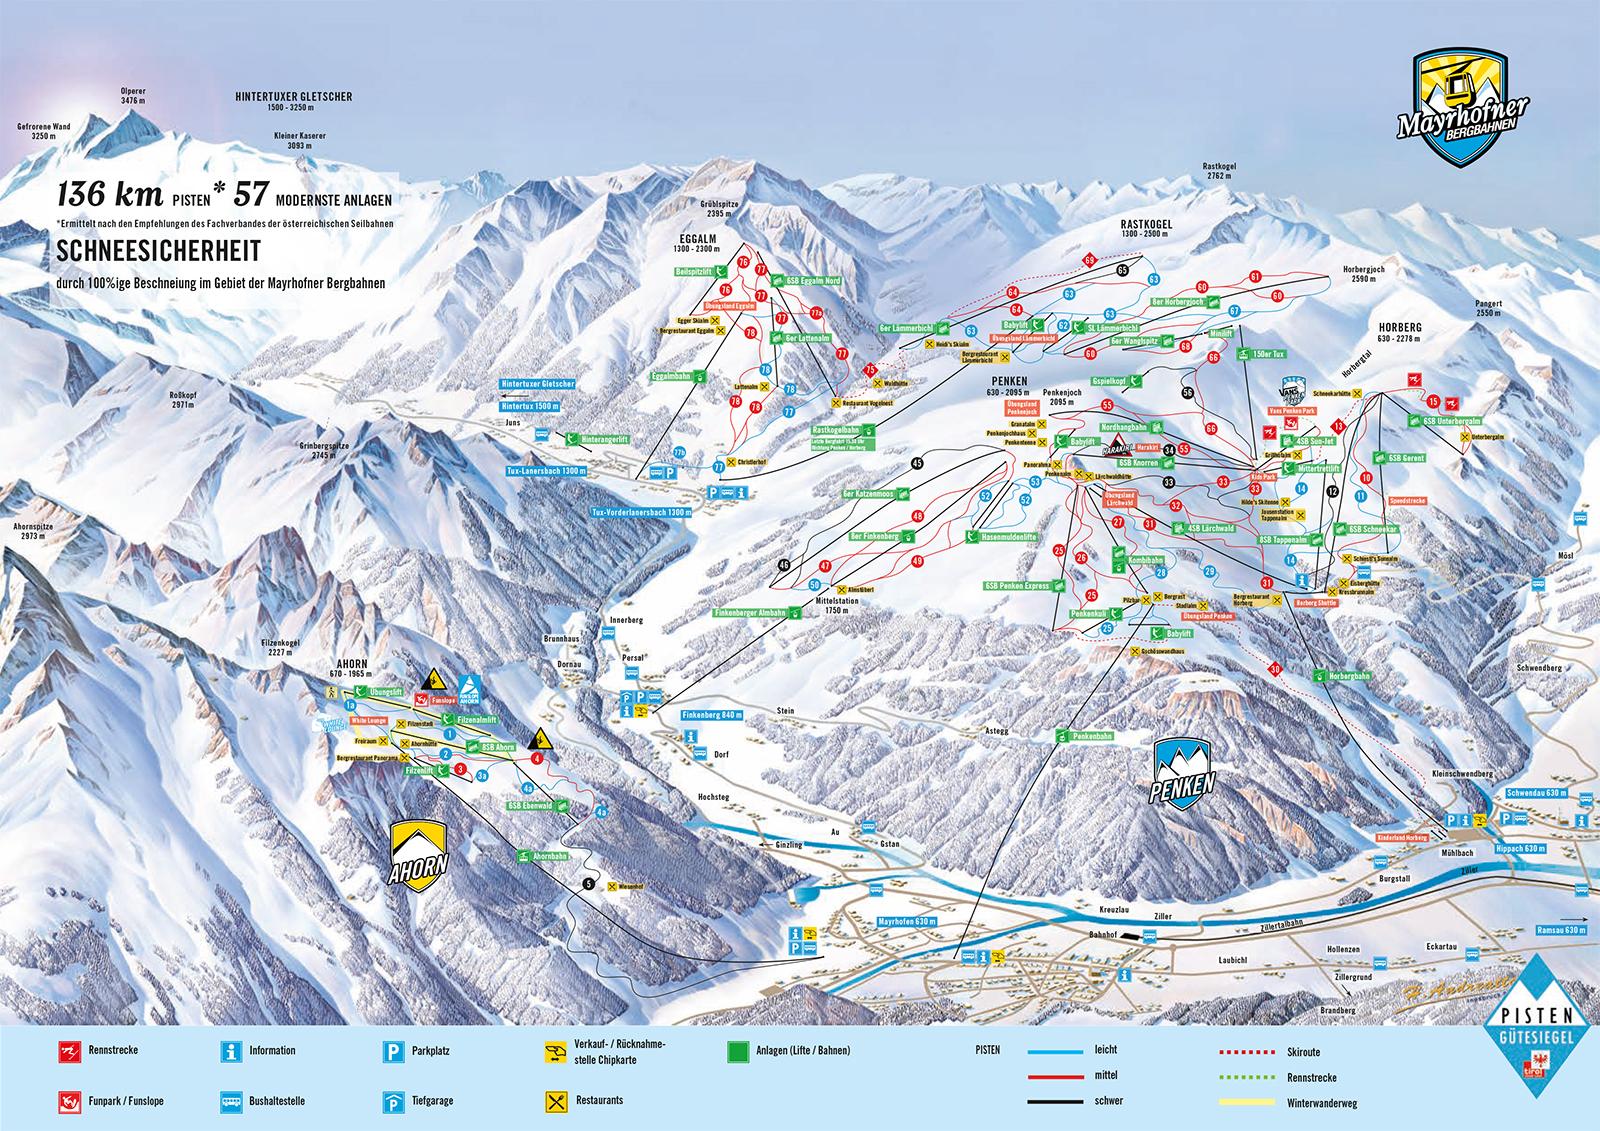 Karte mit Pisten des Skigebietes Mayrhofen